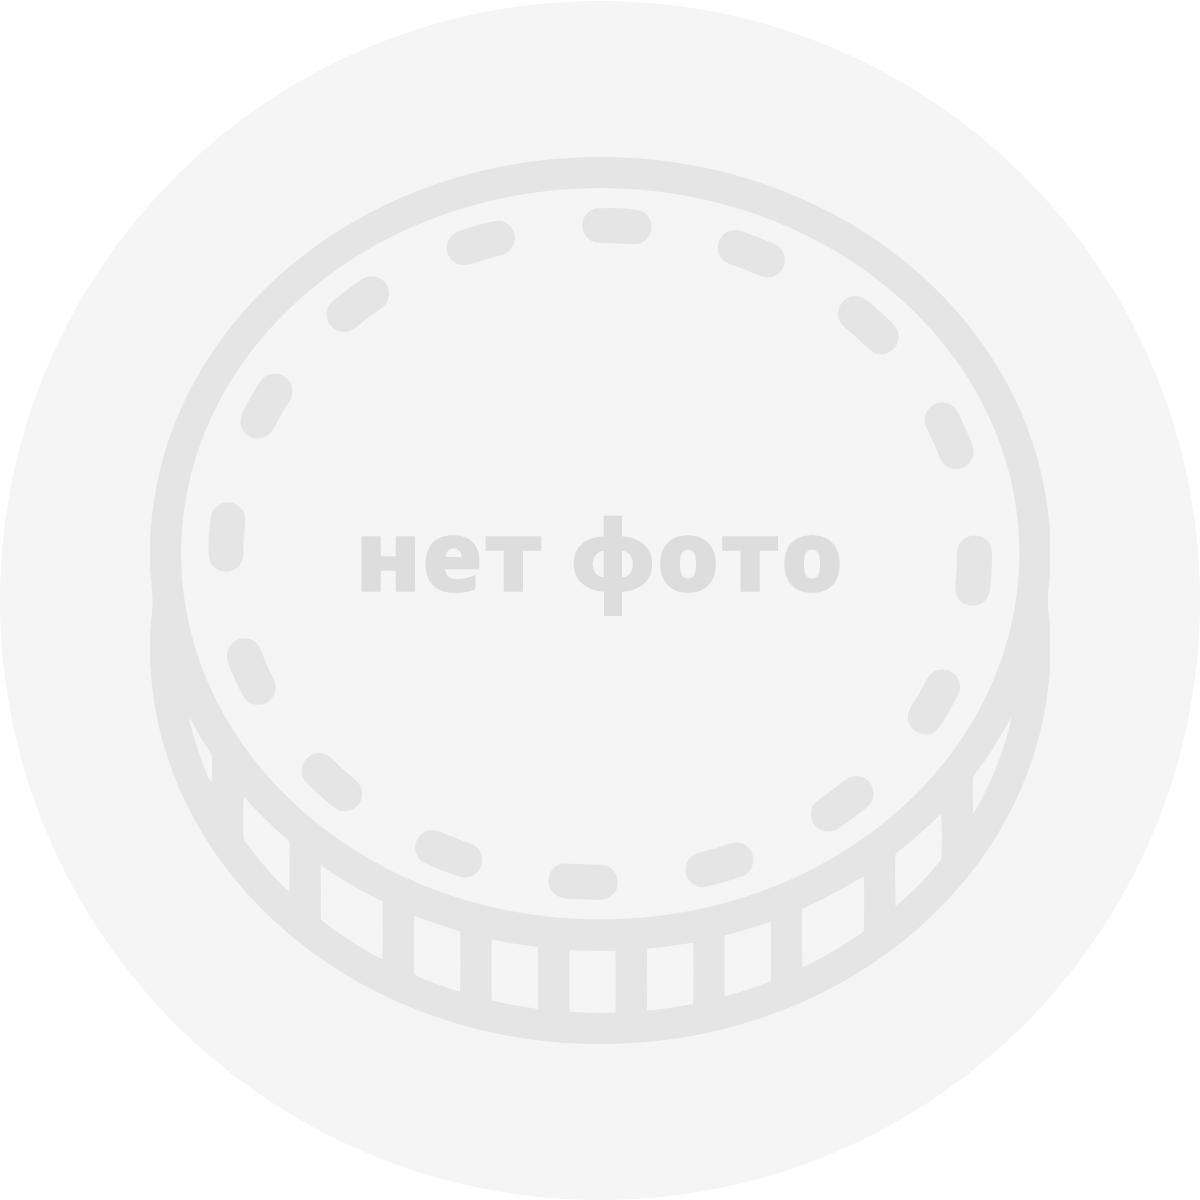 Центробанк выпустит 20 млн банкнот в честь присоединения Крыма